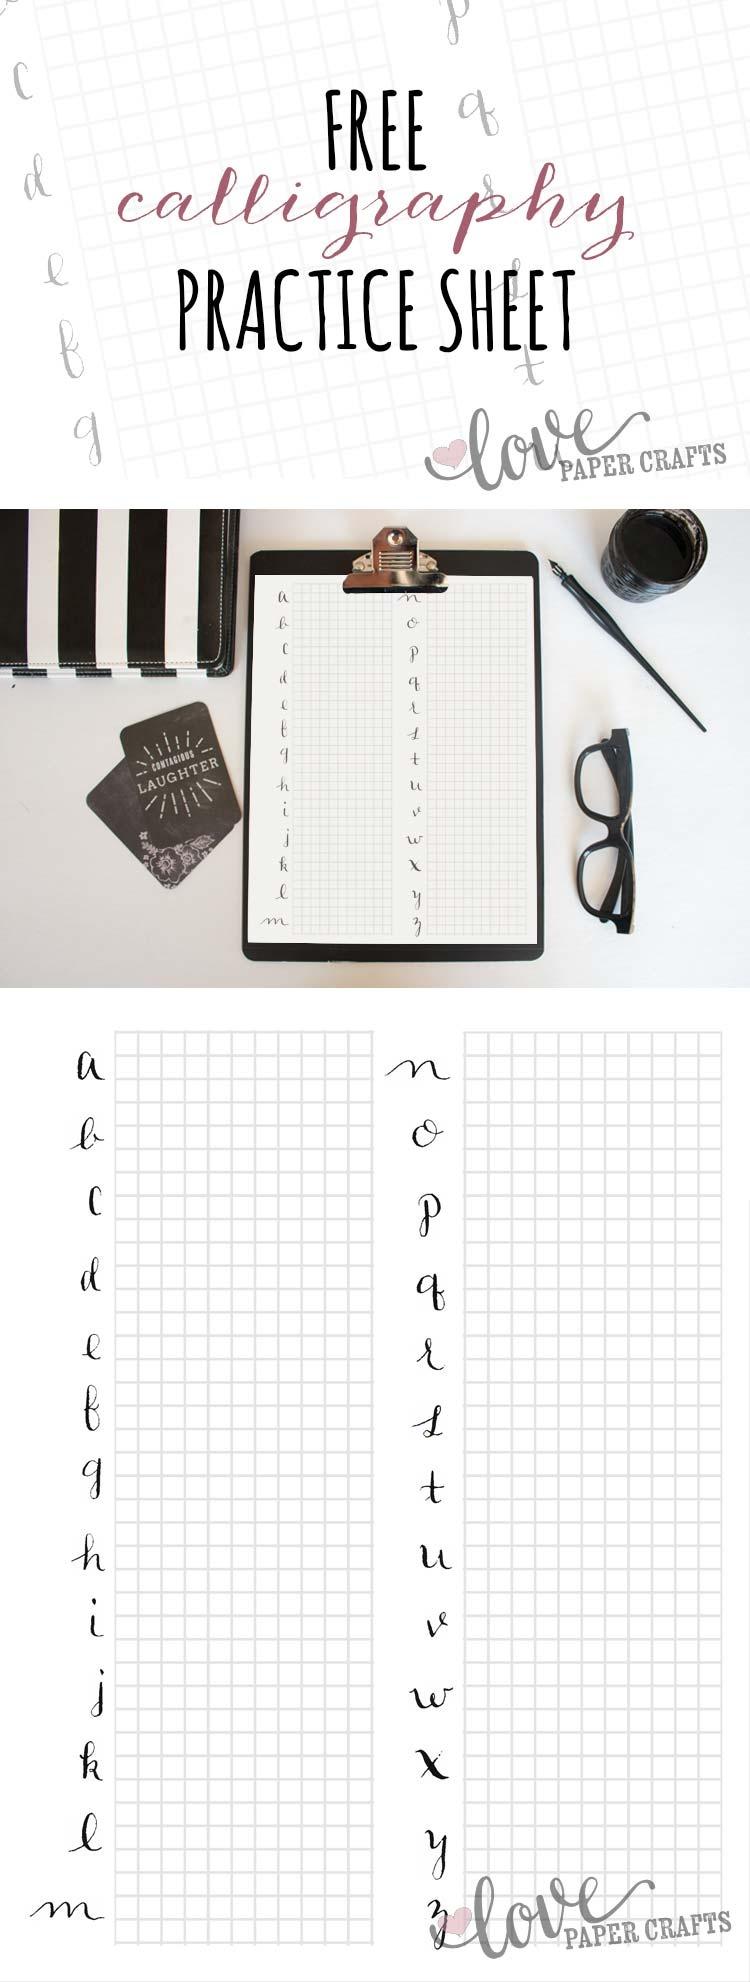 Free Printable Calligraphy Alphabet Practice Sheets - Free Calligraphy Printables